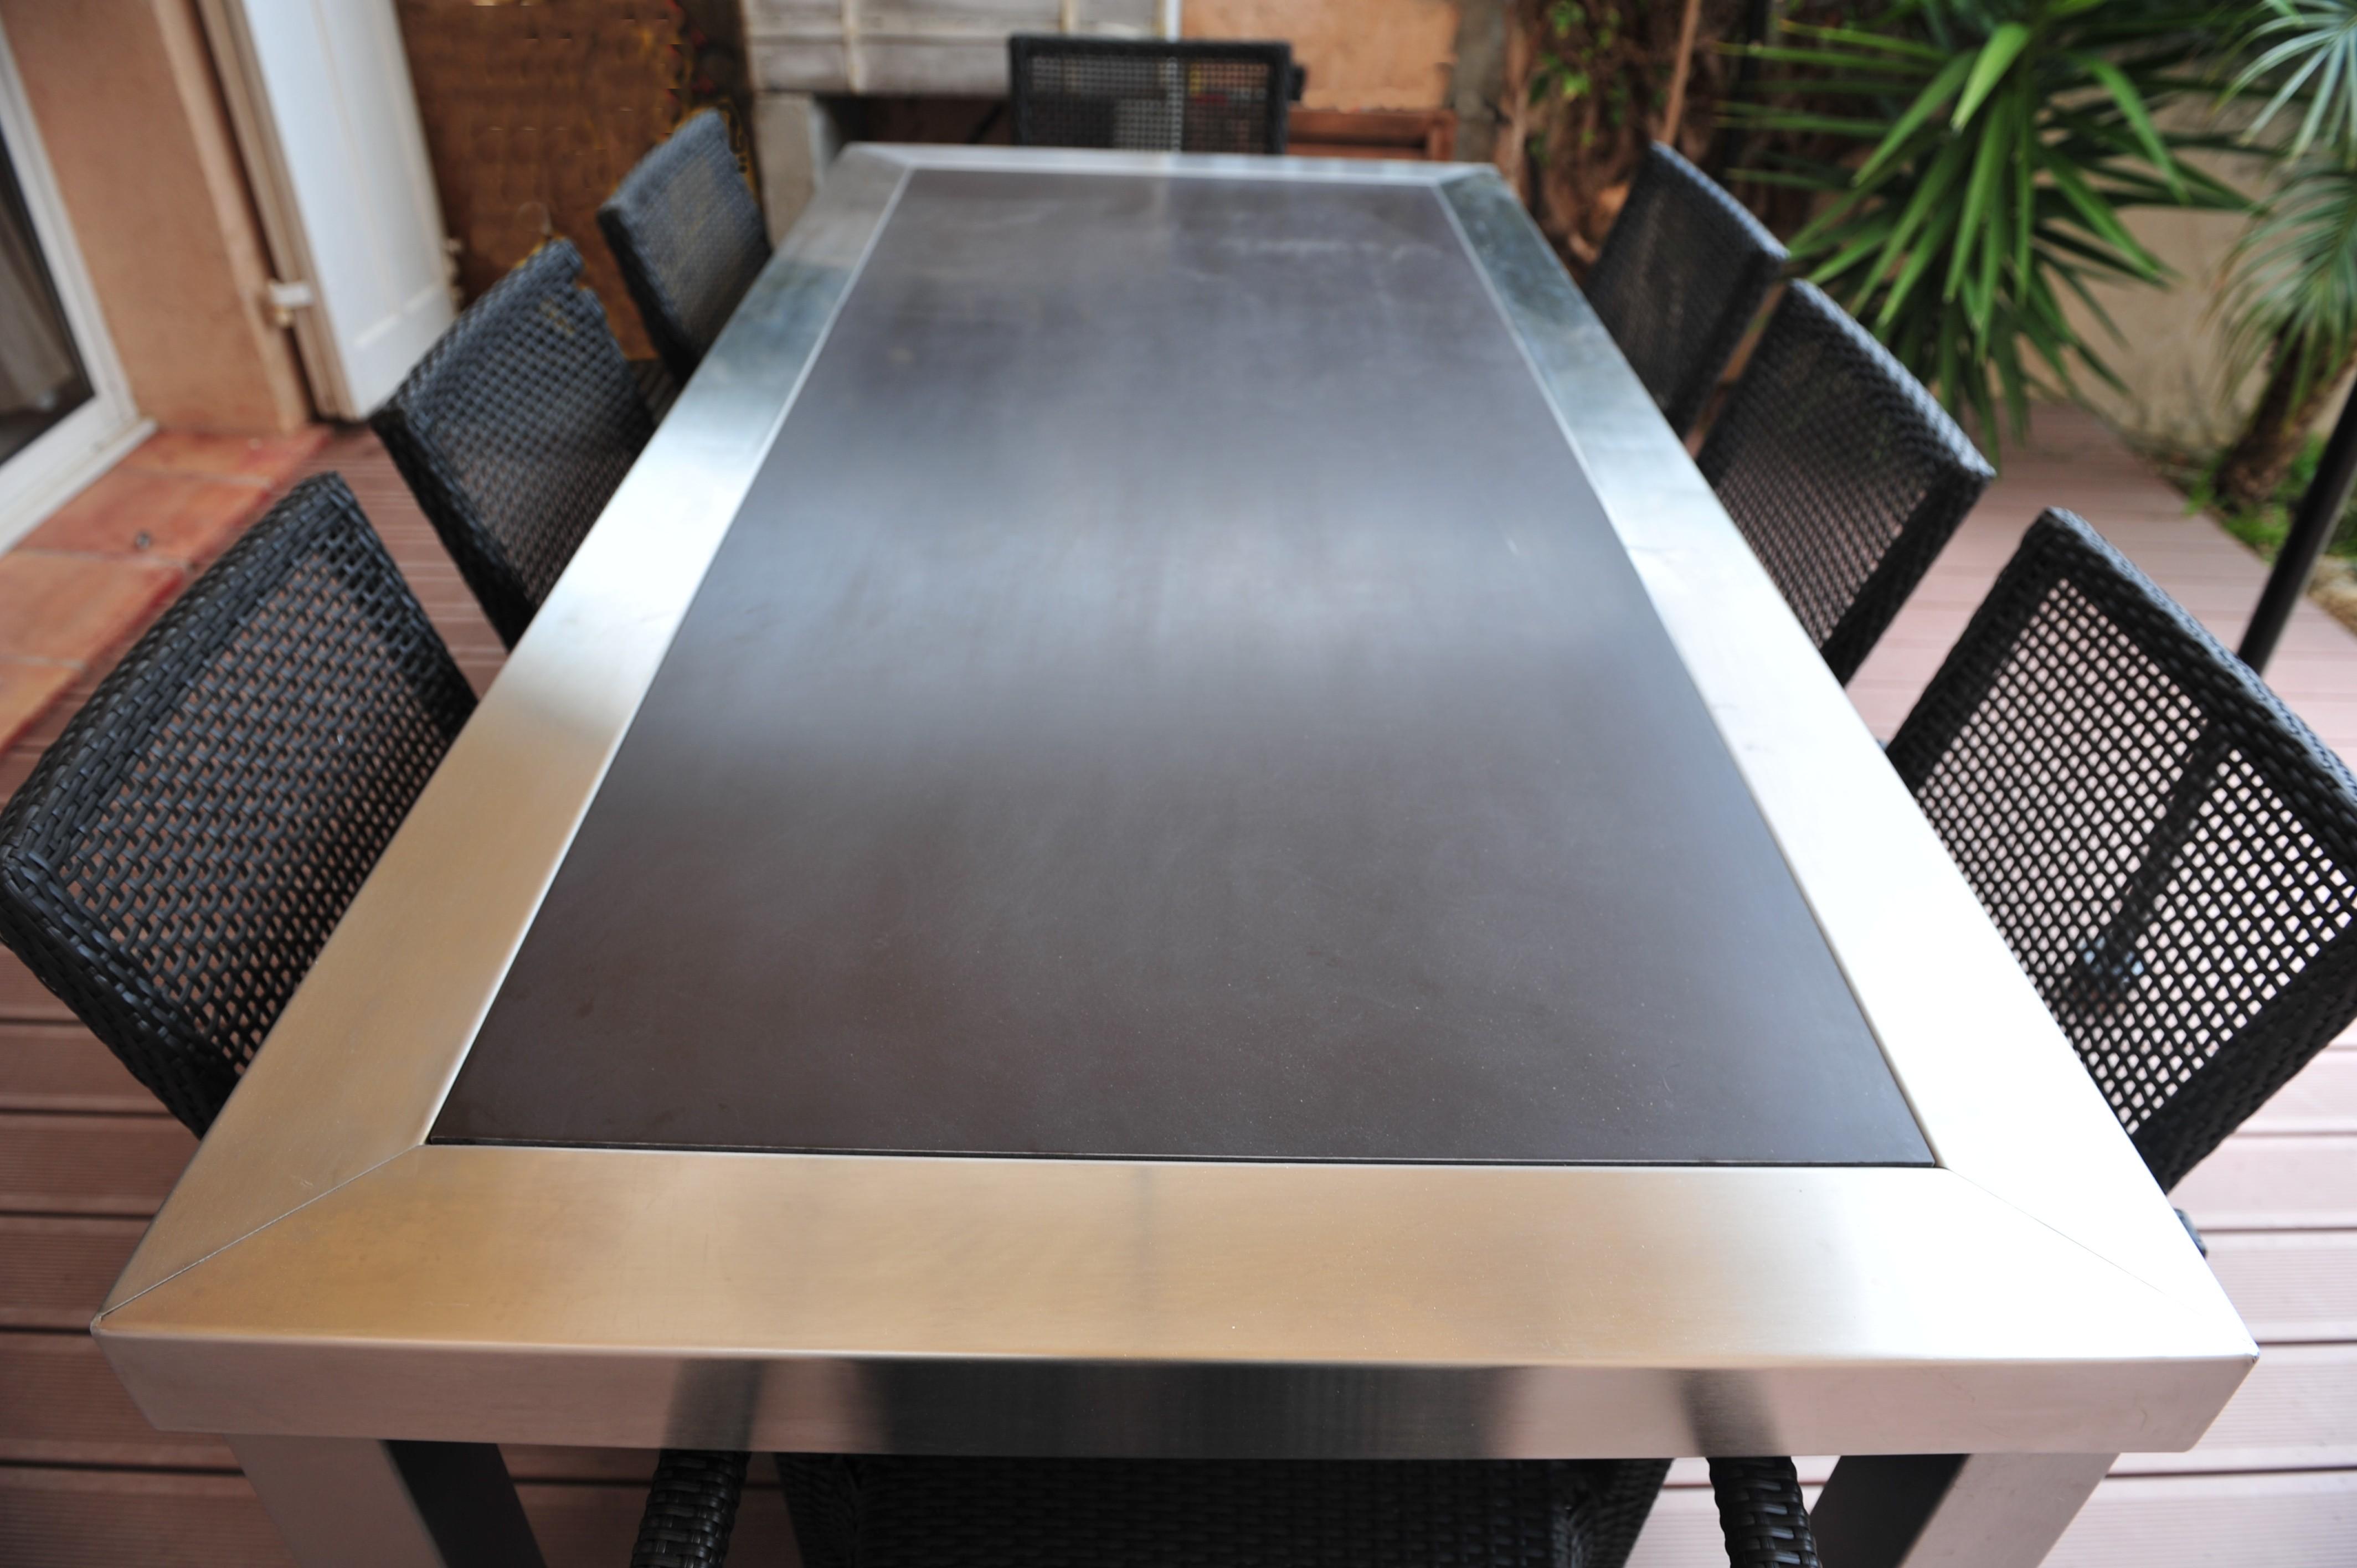 table inox + composite